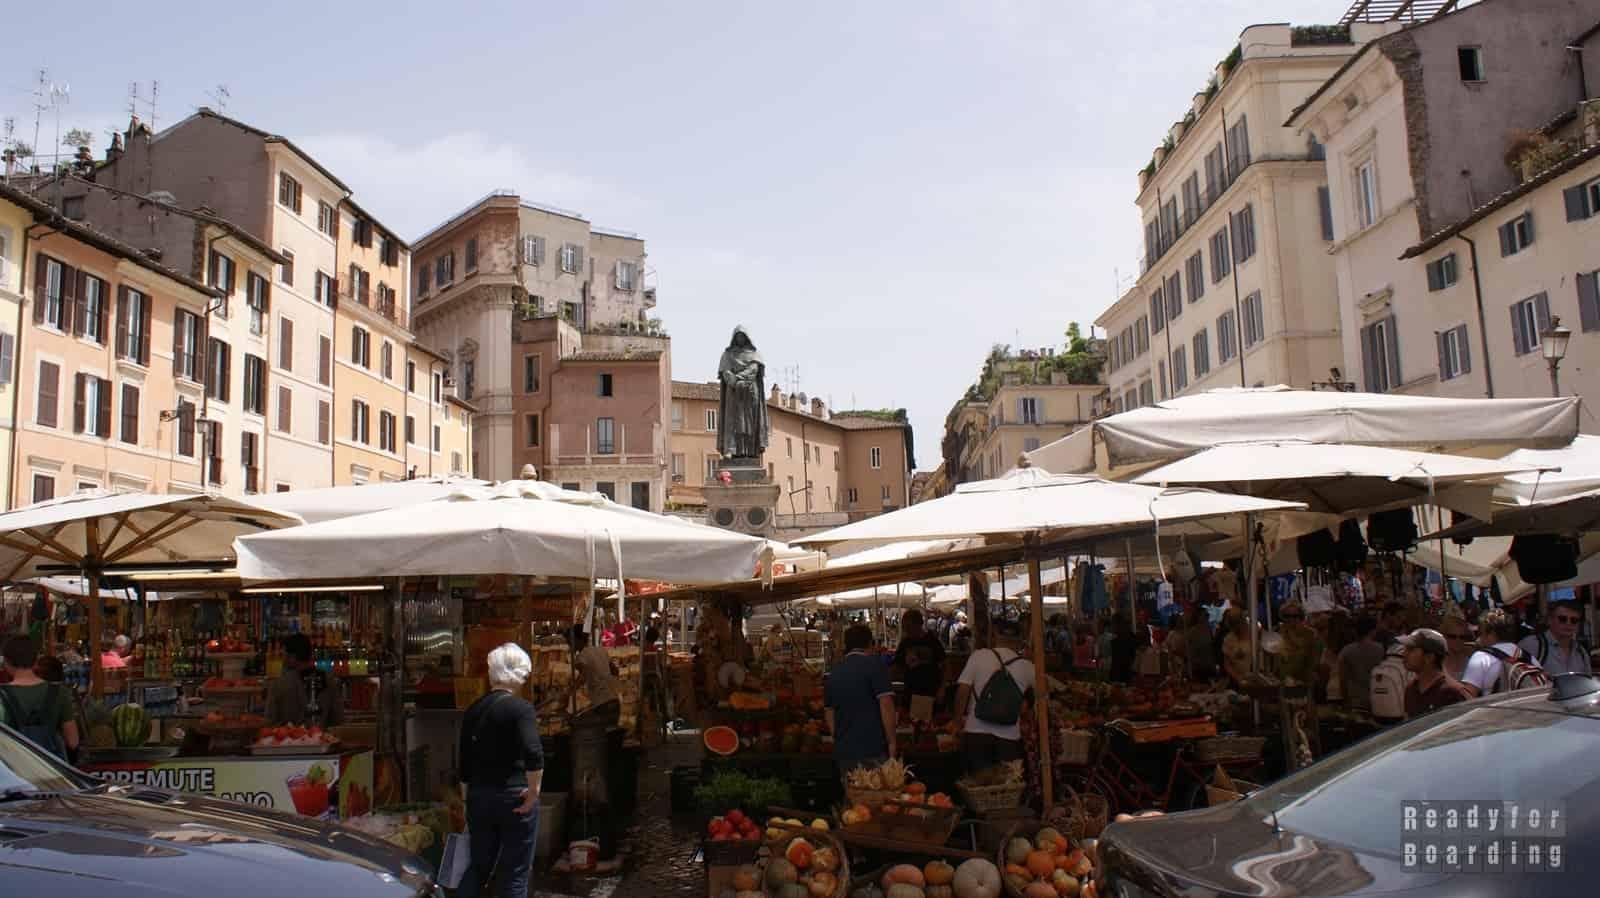 Włochy - dzień 4